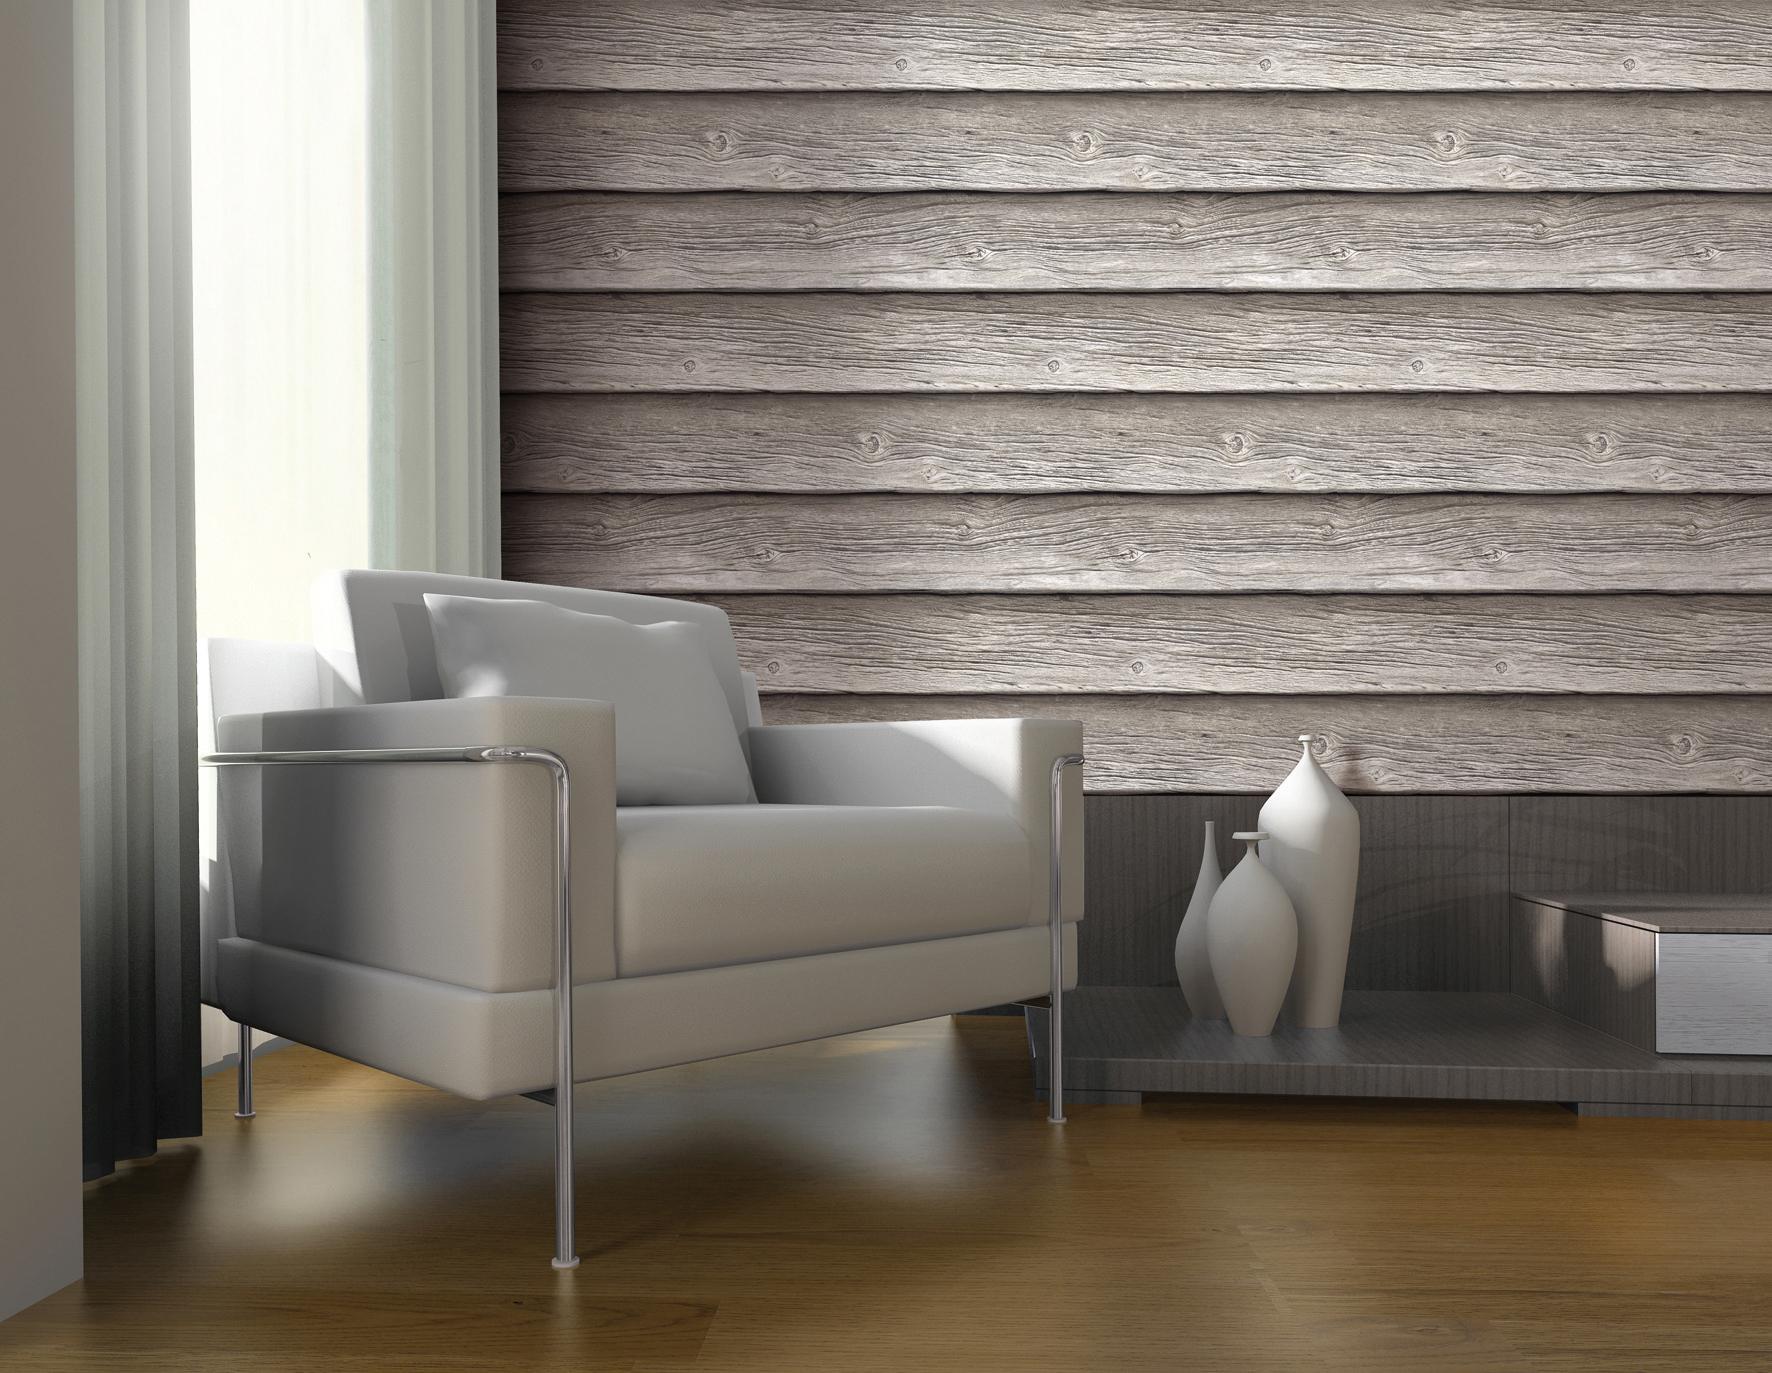 le bois fait tapisserie lorraine magazine. Black Bedroom Furniture Sets. Home Design Ideas